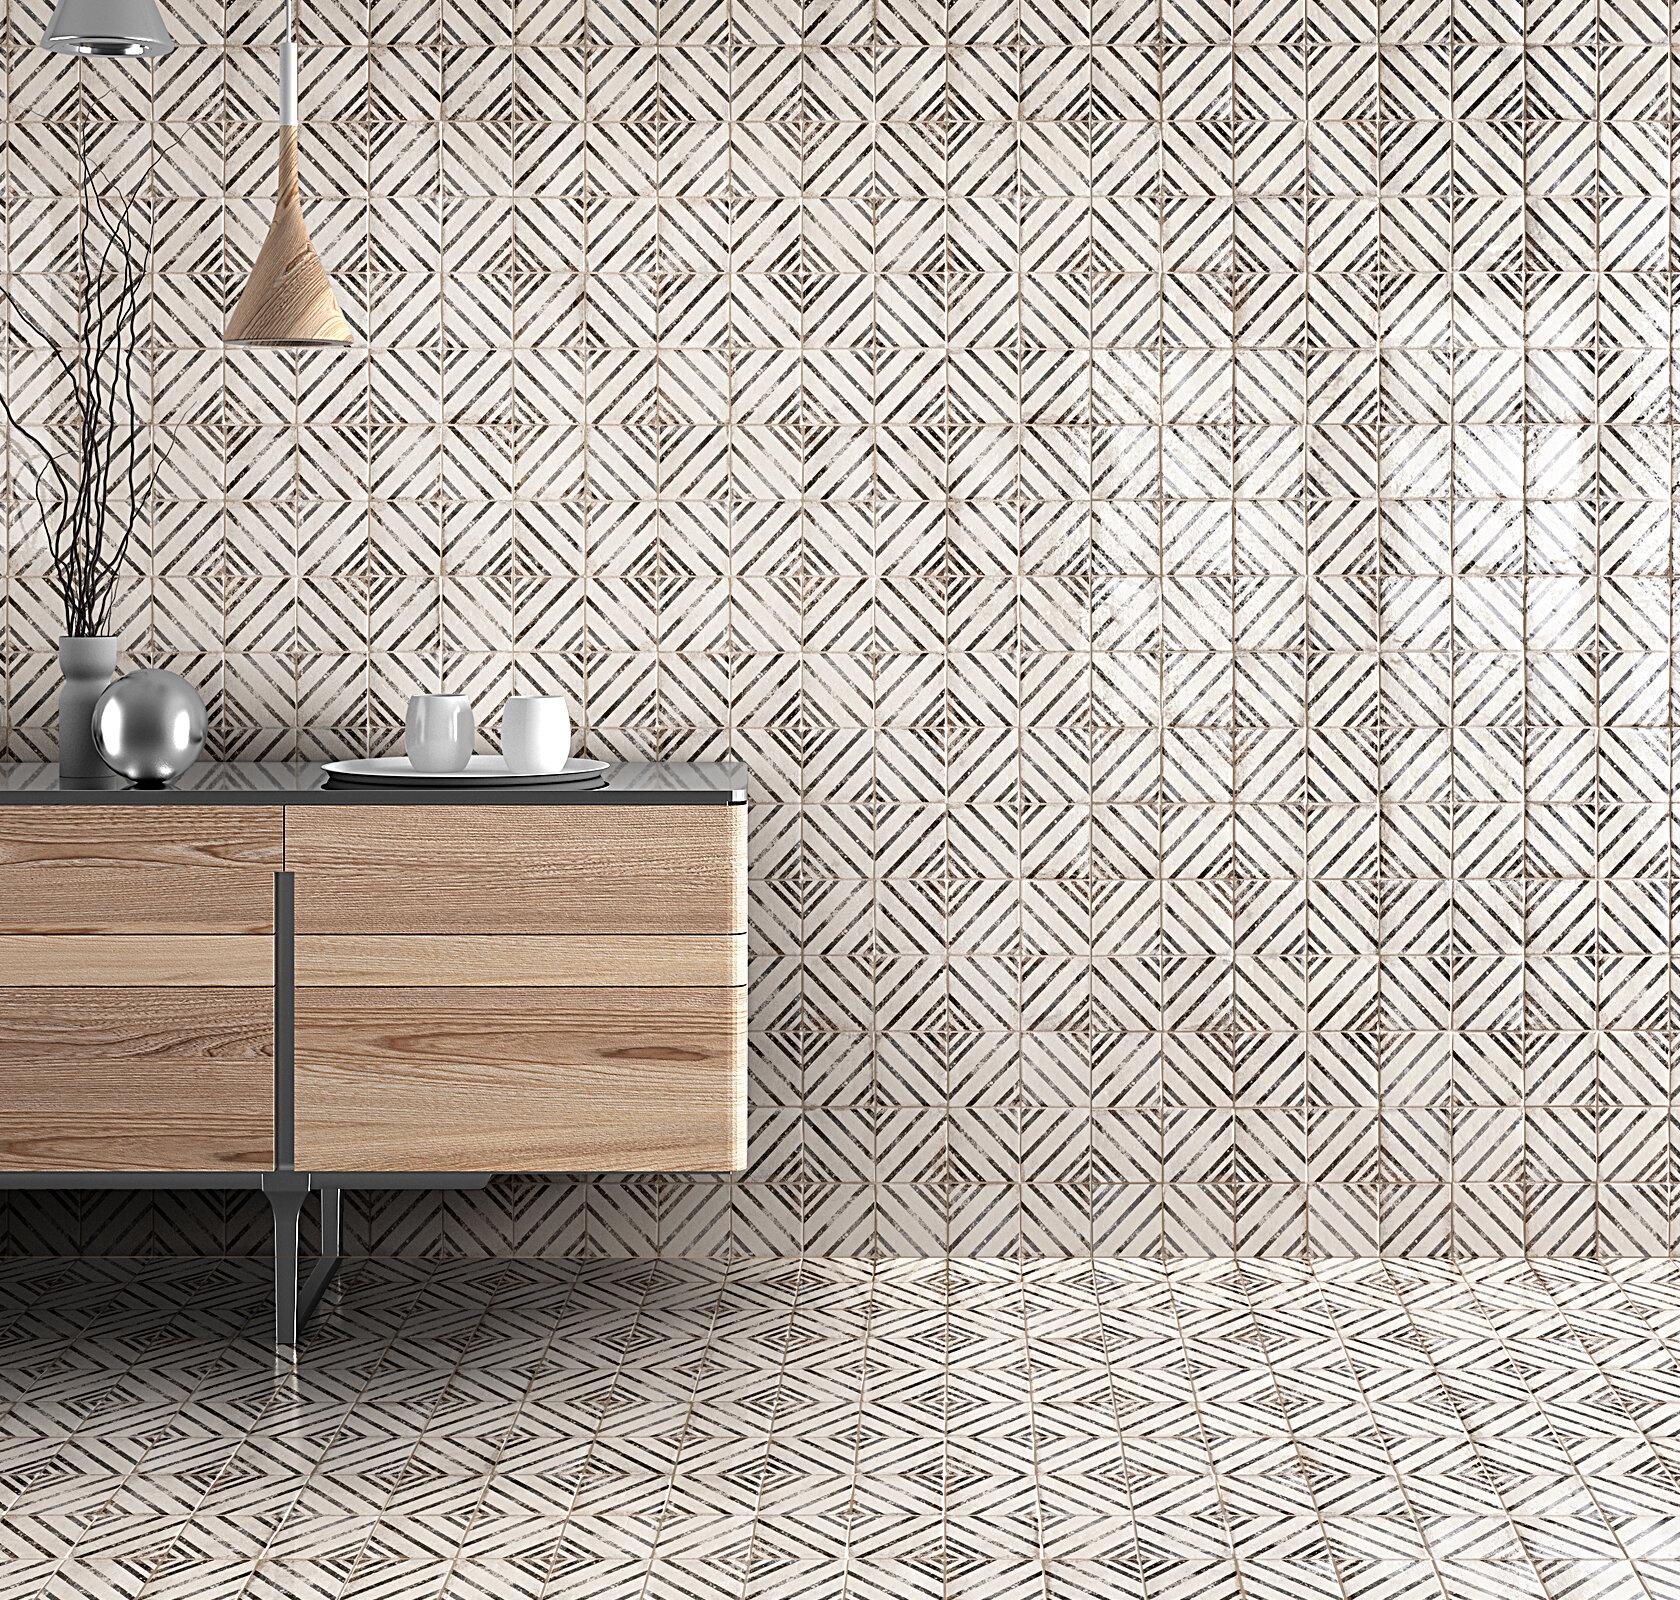 Vivace 4 X Porcelain Field Tile